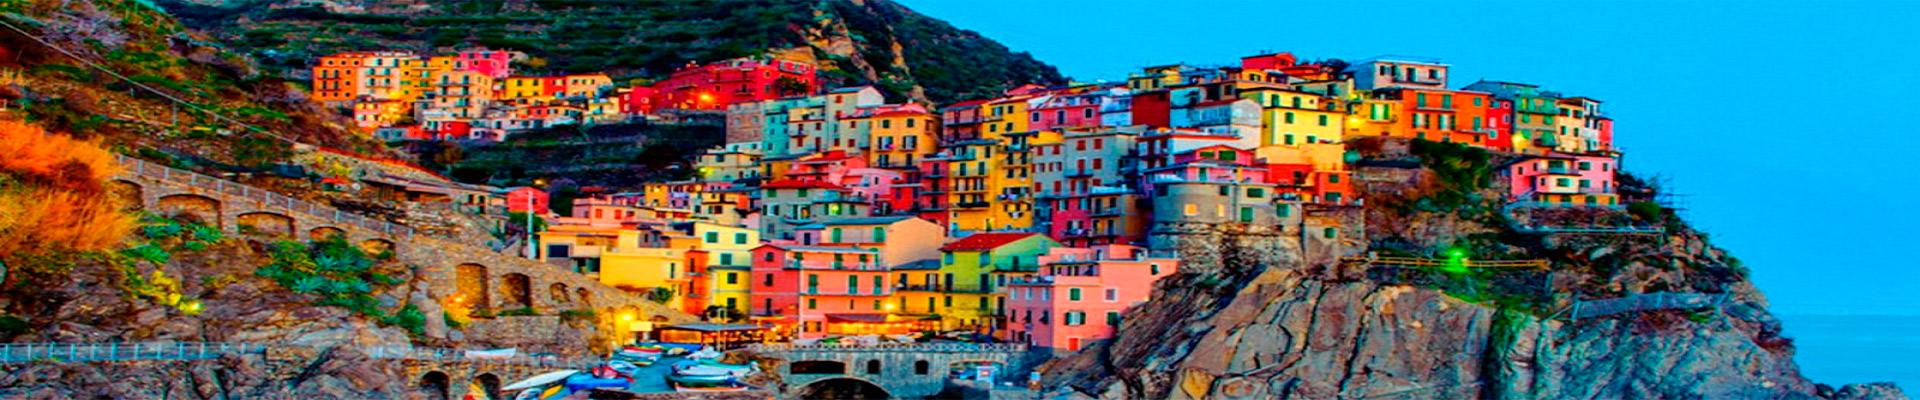 Pacote de Viagem para Itália Promocional